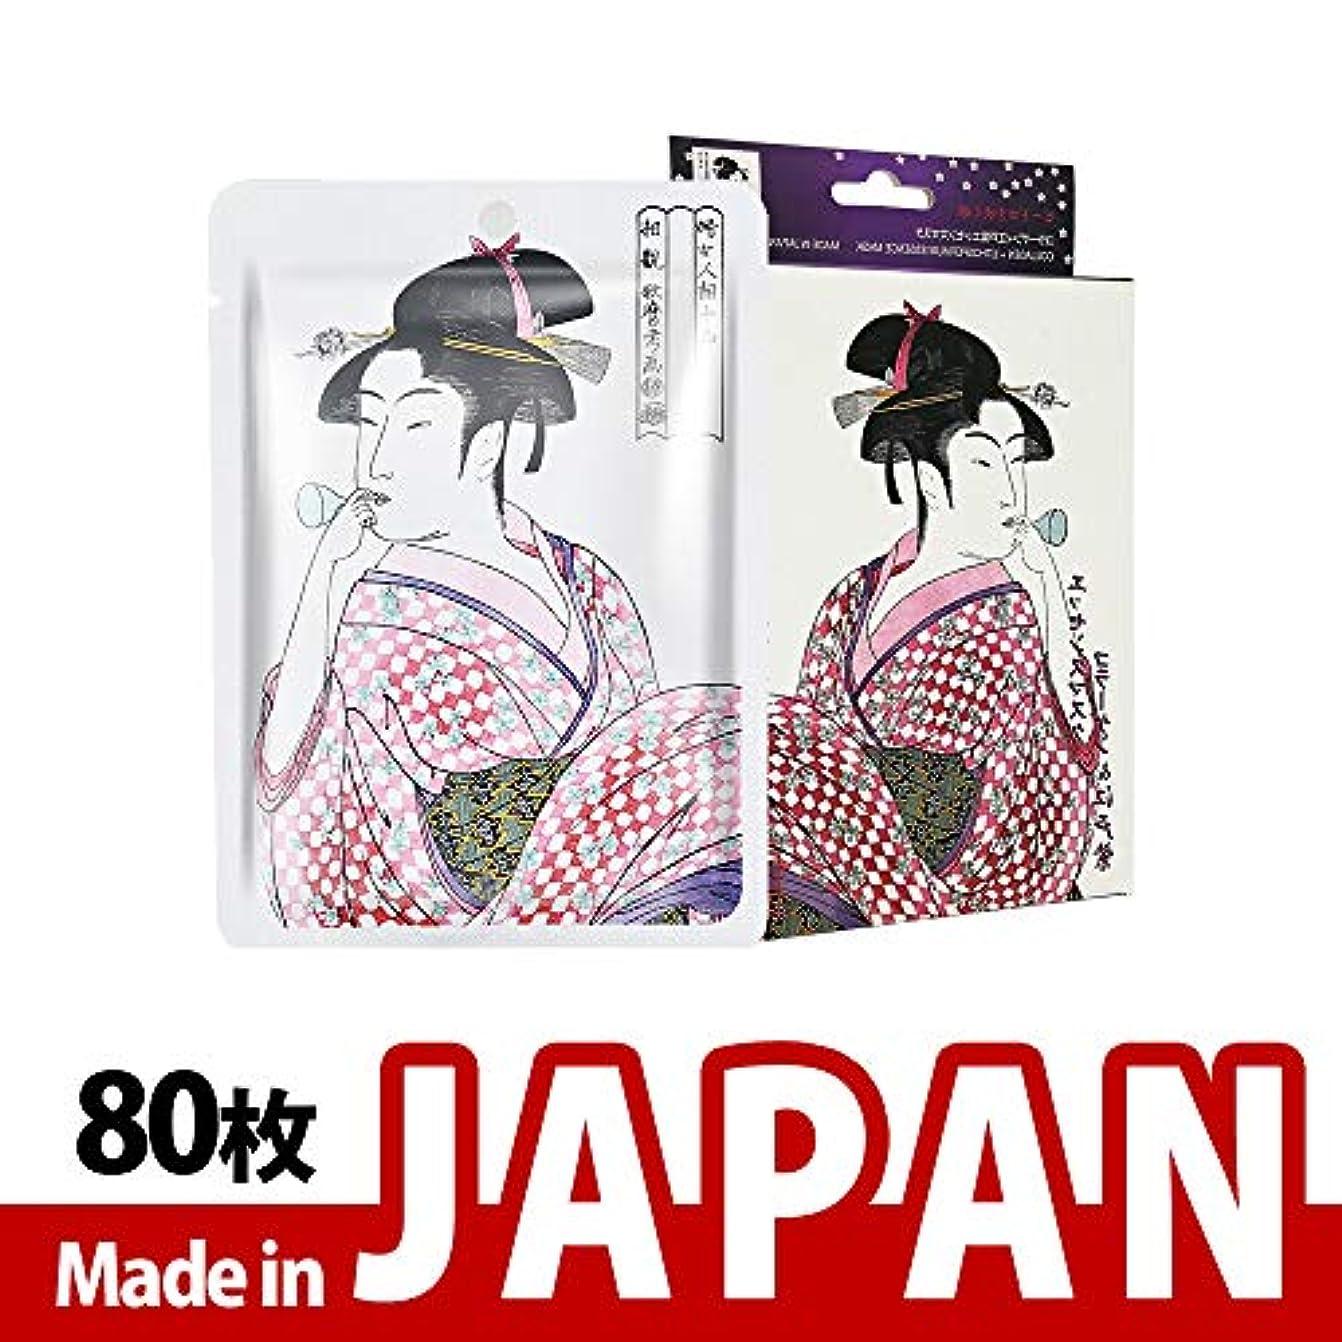 ボード対処する蓋MITOMO【JP002-A-2】日本製シートマスク/10枚入り/80枚/美容液/マスクパック/送料無料